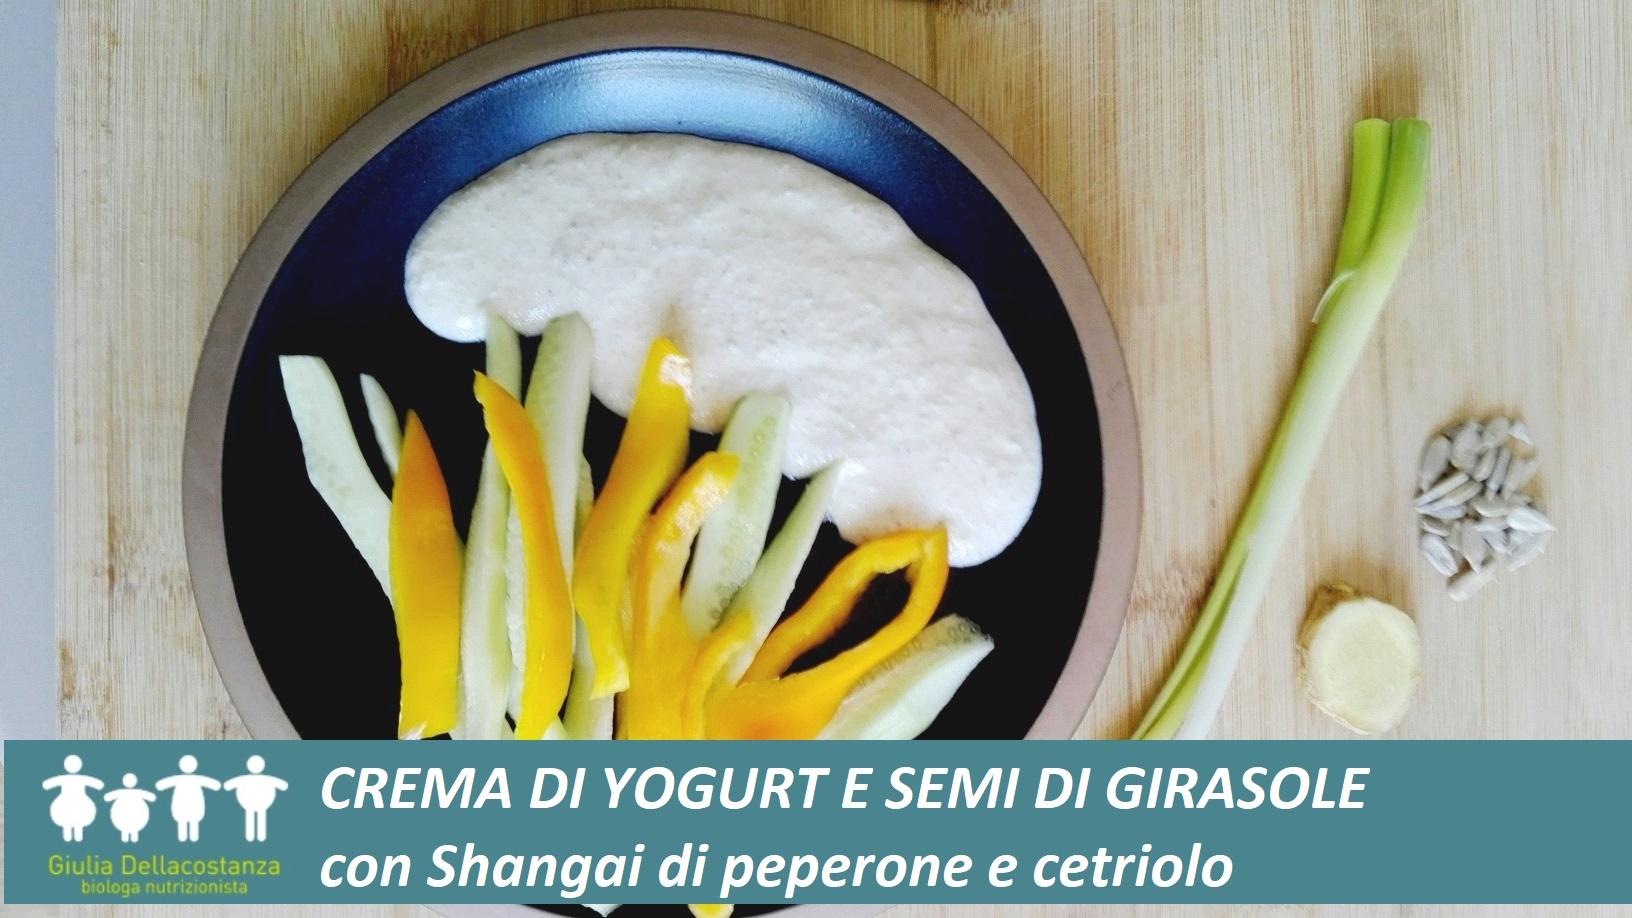 Crema a base di semi di girasole e yogurt, accompagnata con peperone giallo e sedano.